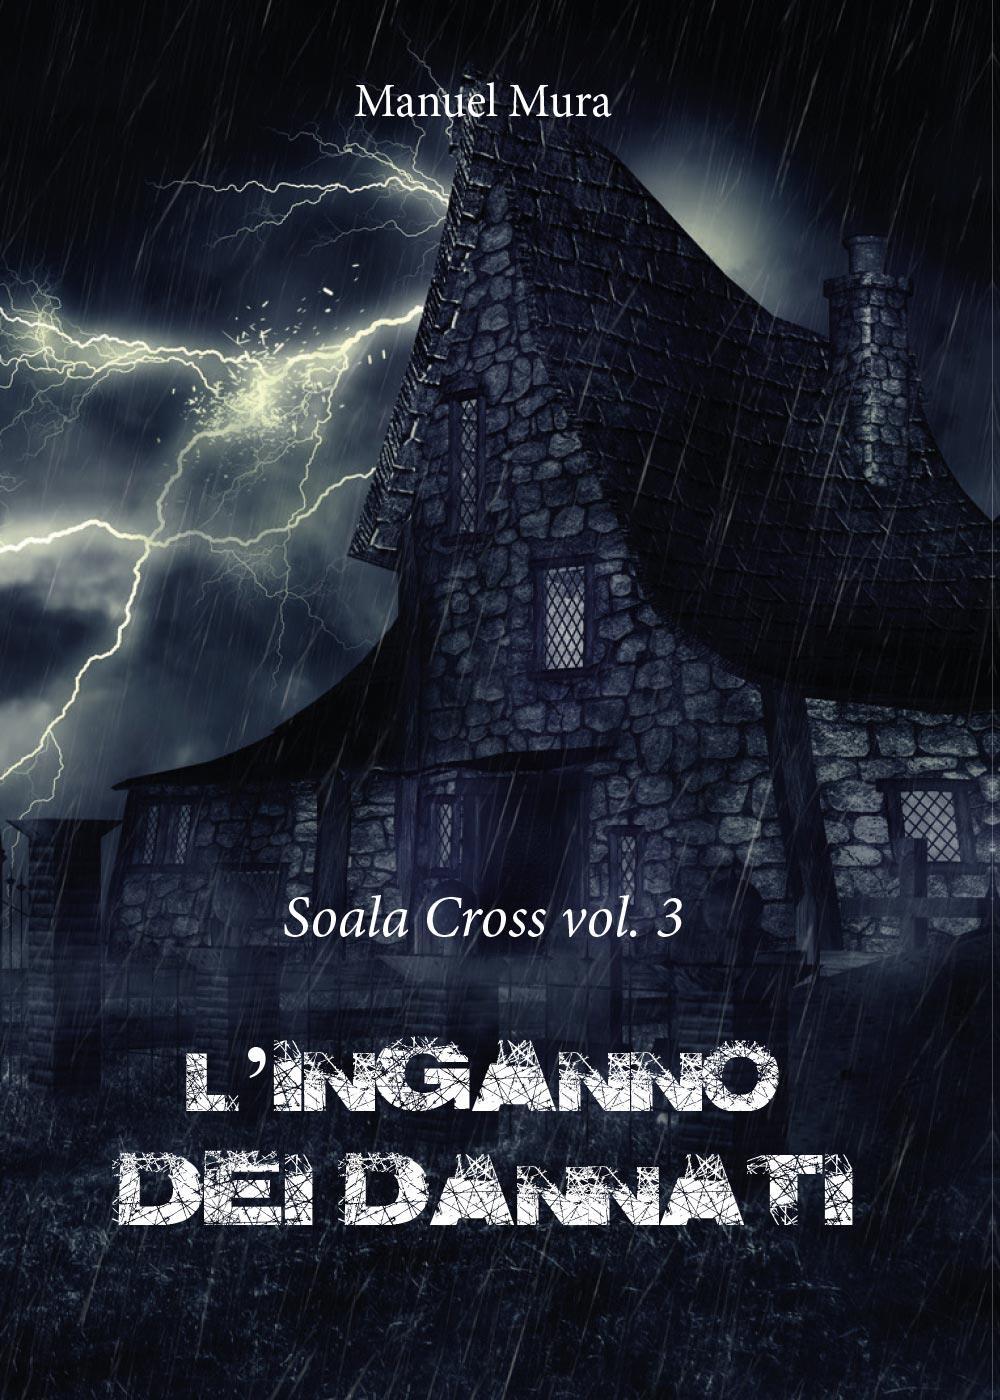 Soala Cross vol.3 - L'inganno dei dannati